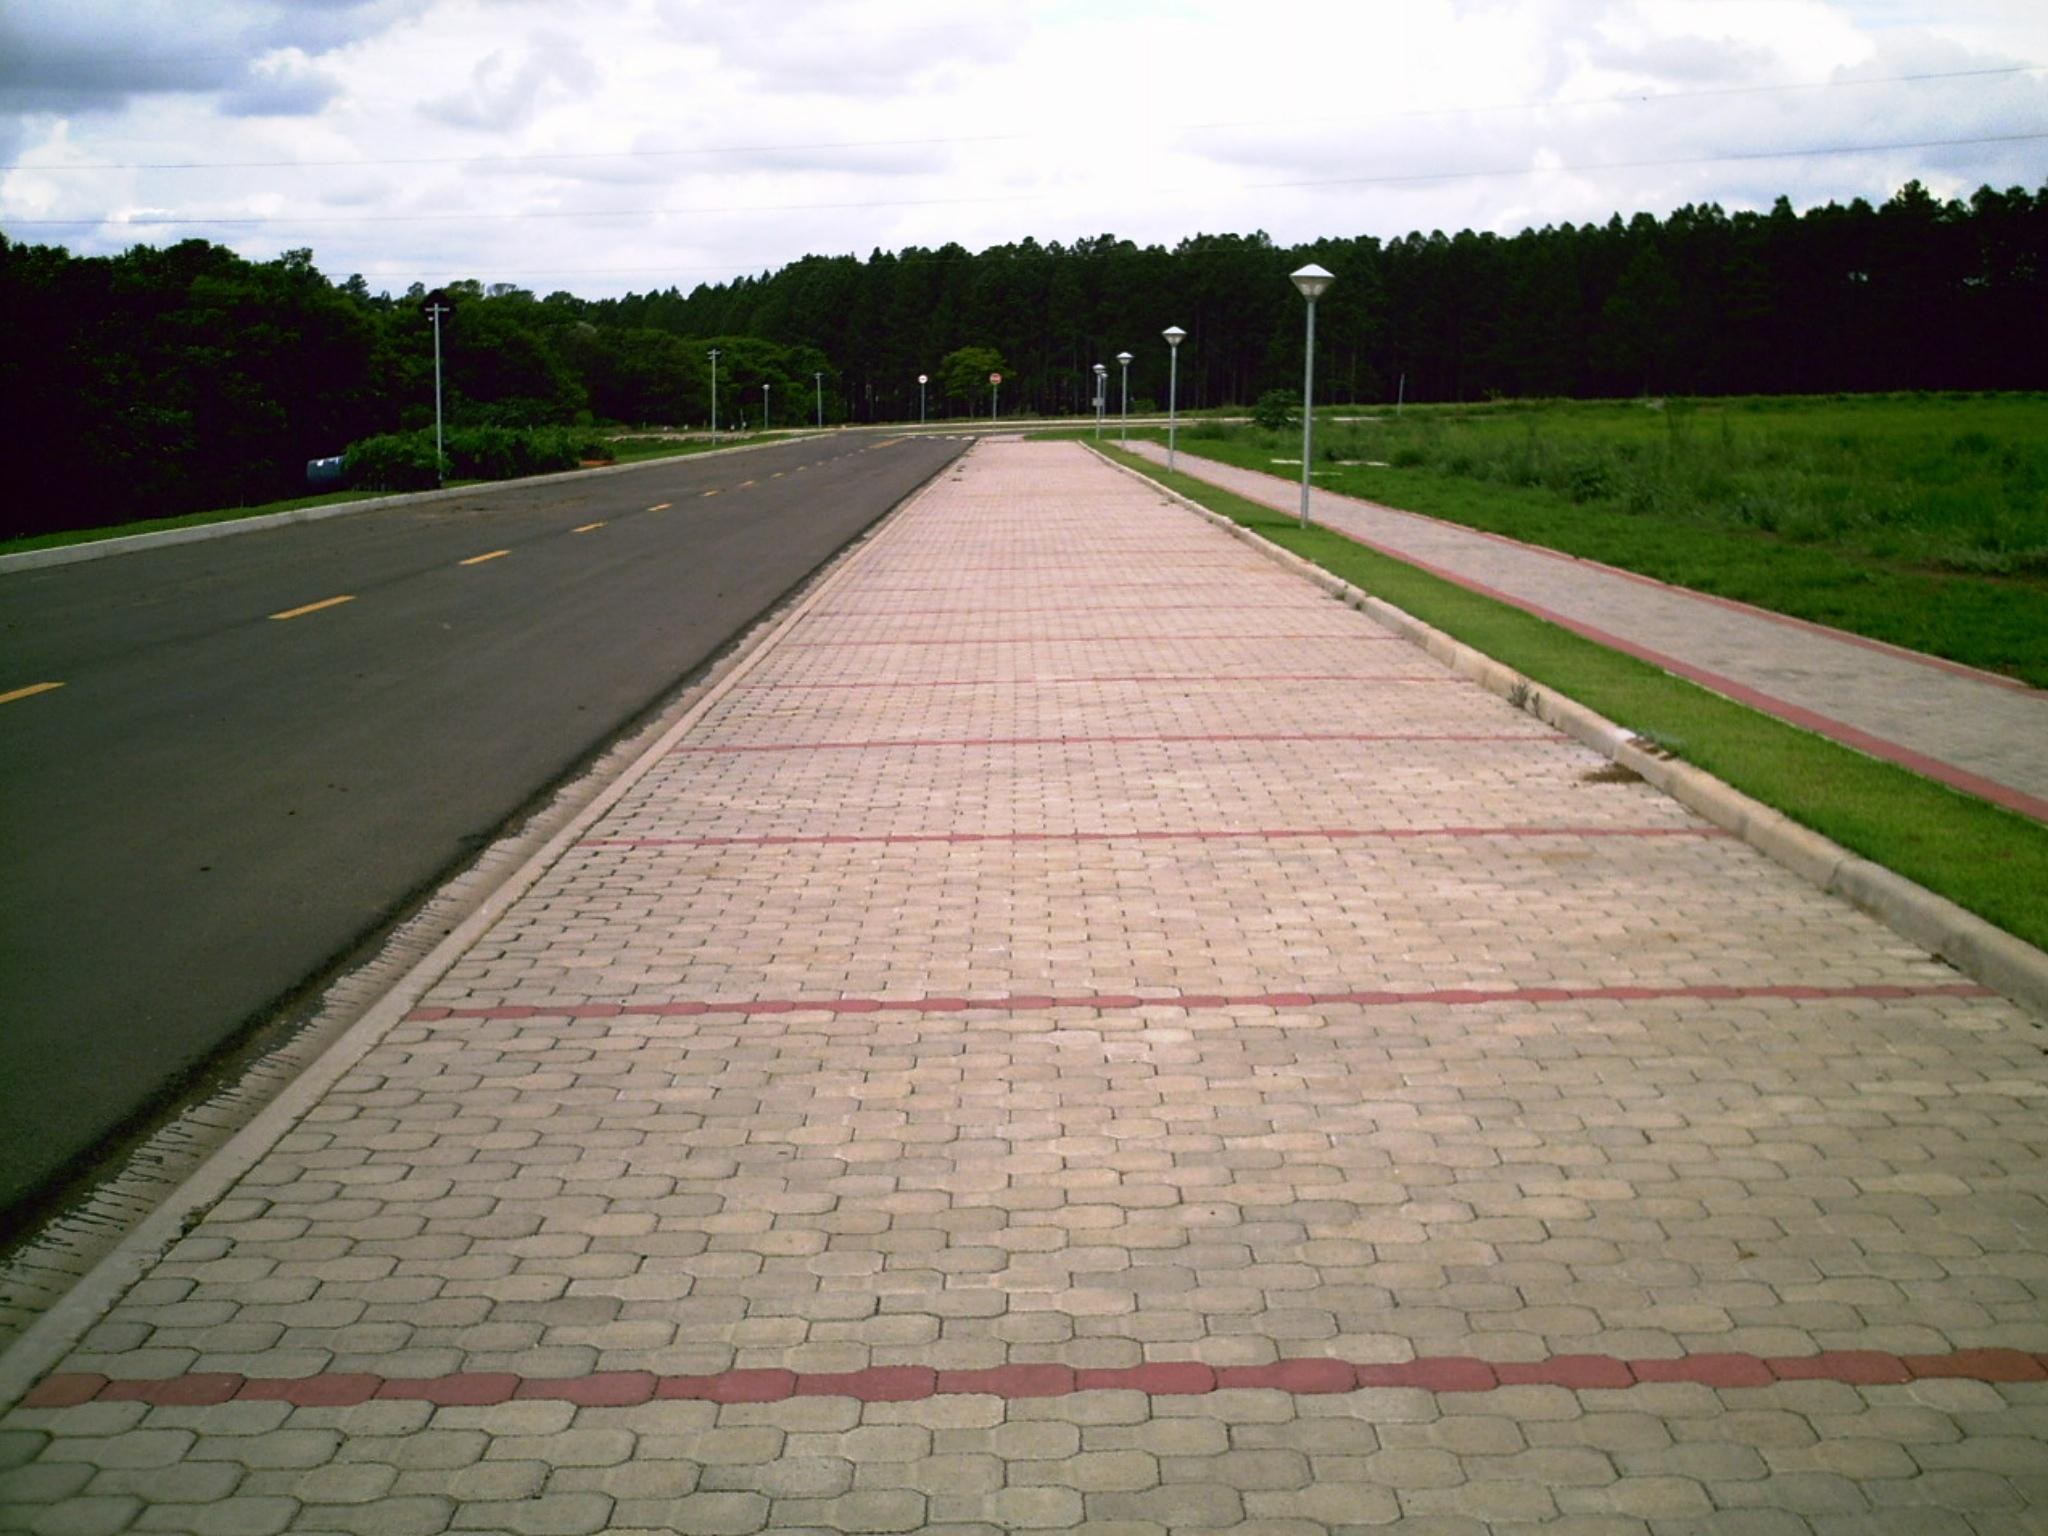 (Foto 3) Estacionamento  da  Aeronautica Usp Sao Carlos